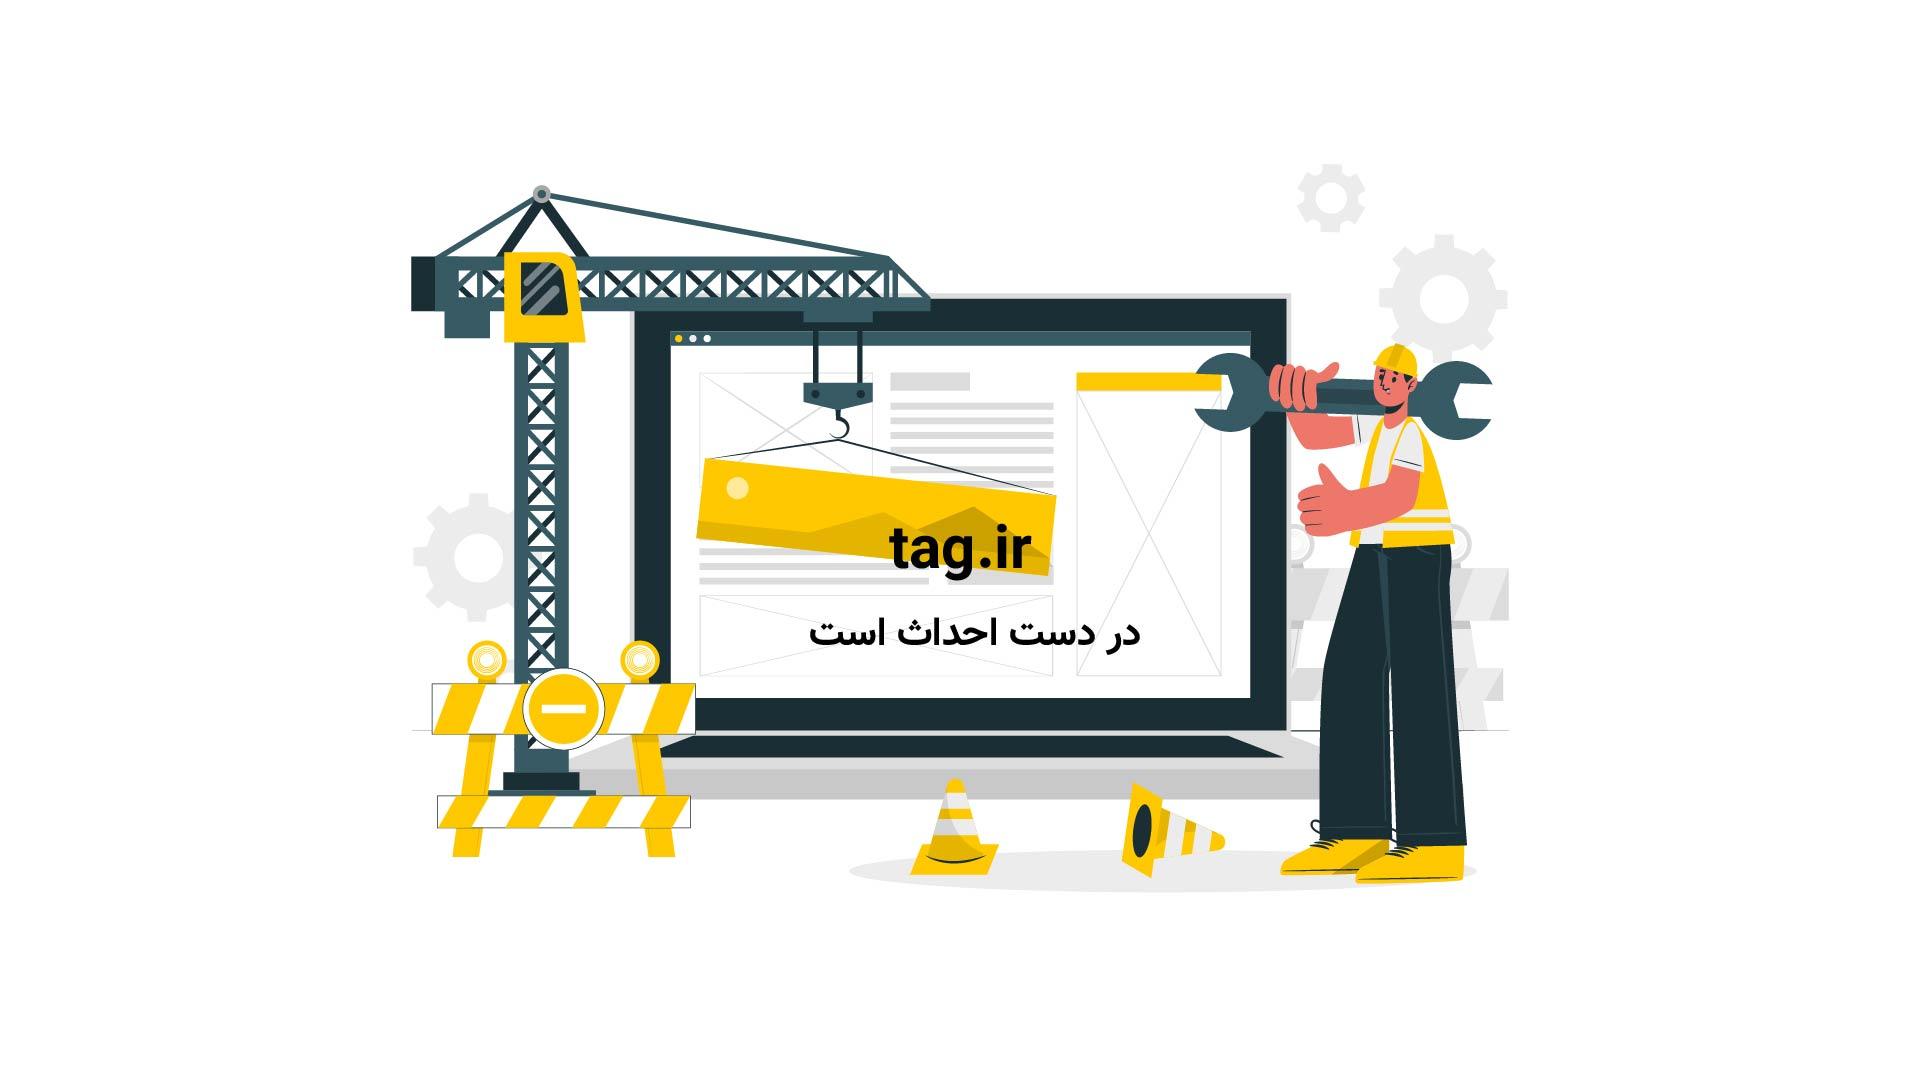 خودکار بیک | تگ